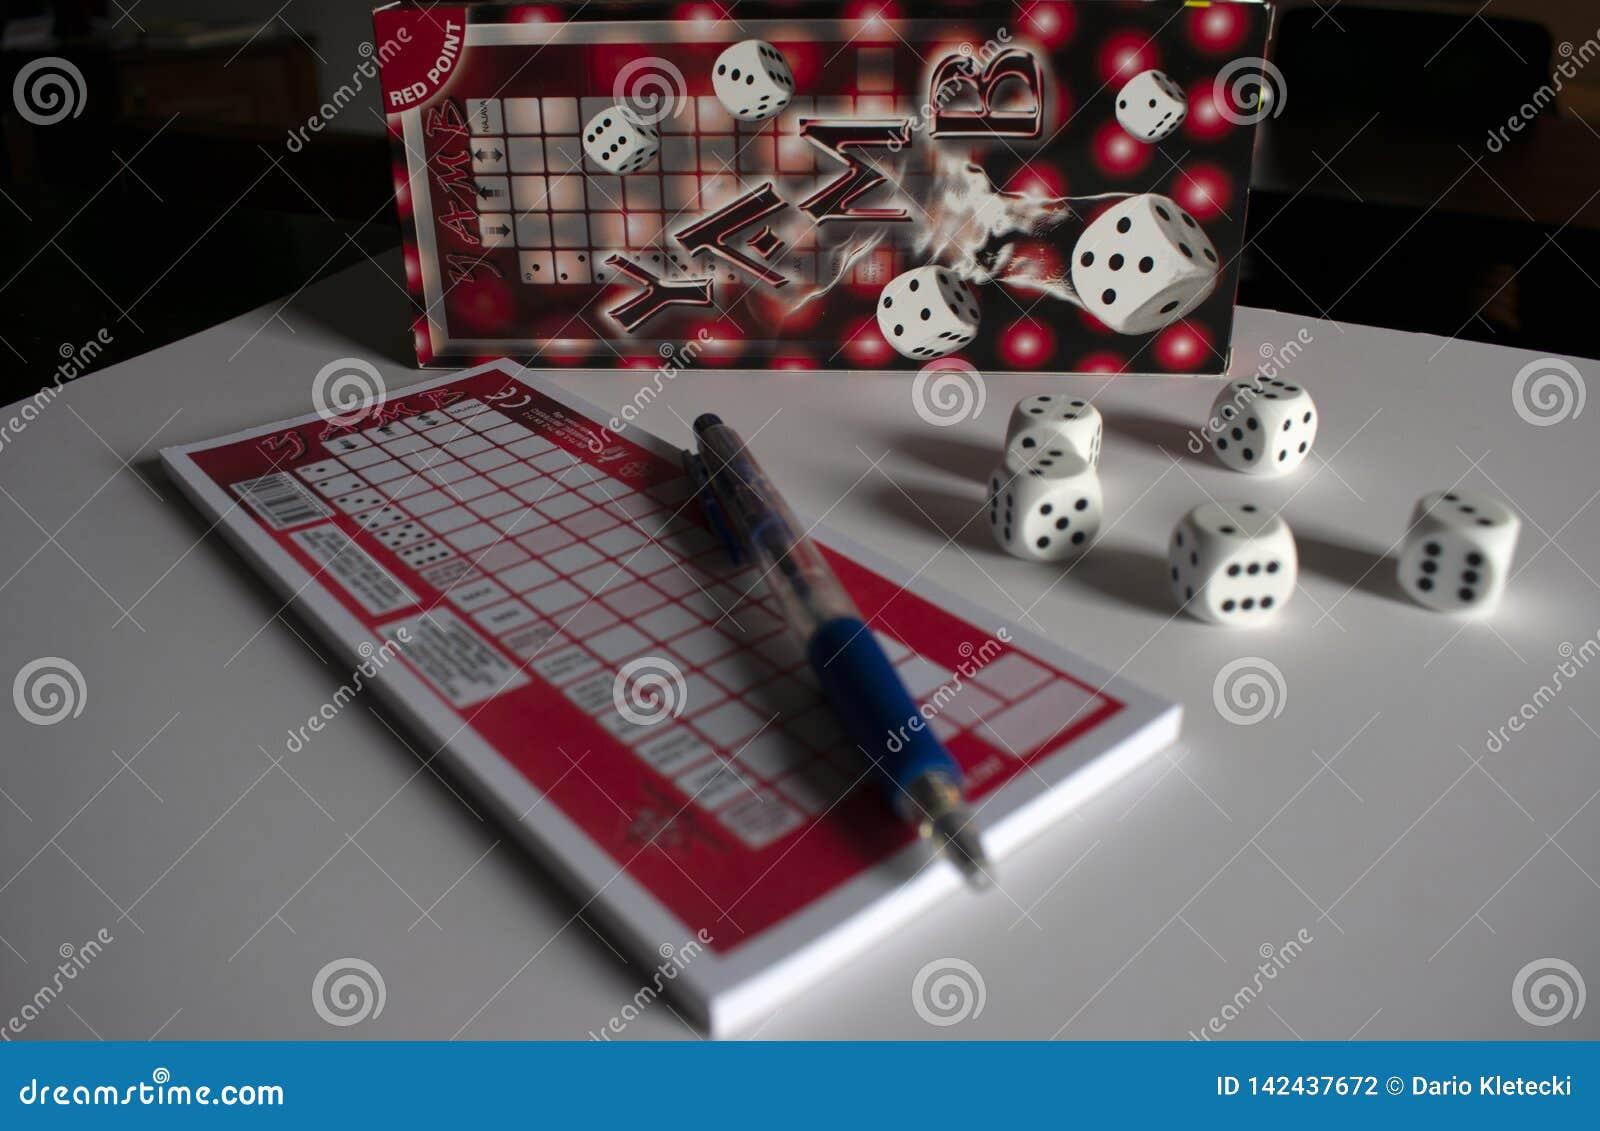 Κοινωνικός χωρίστε σε τετράγωνα το παιχνίδι